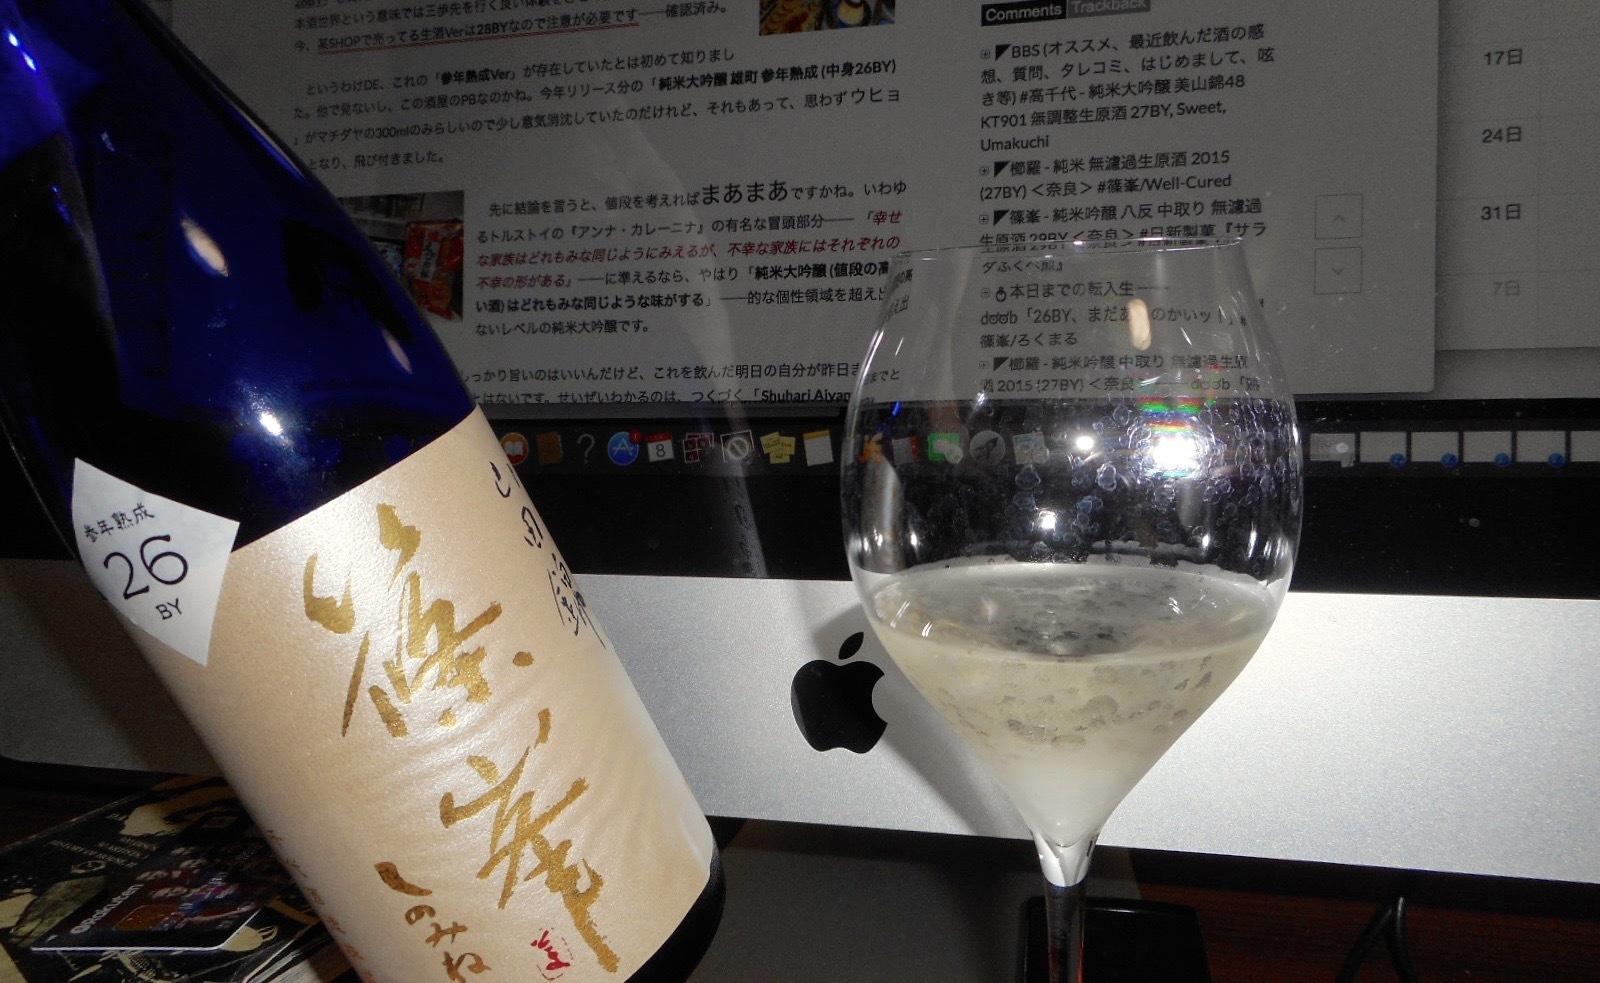 sinomine_yamada40sannen26by8.jpg